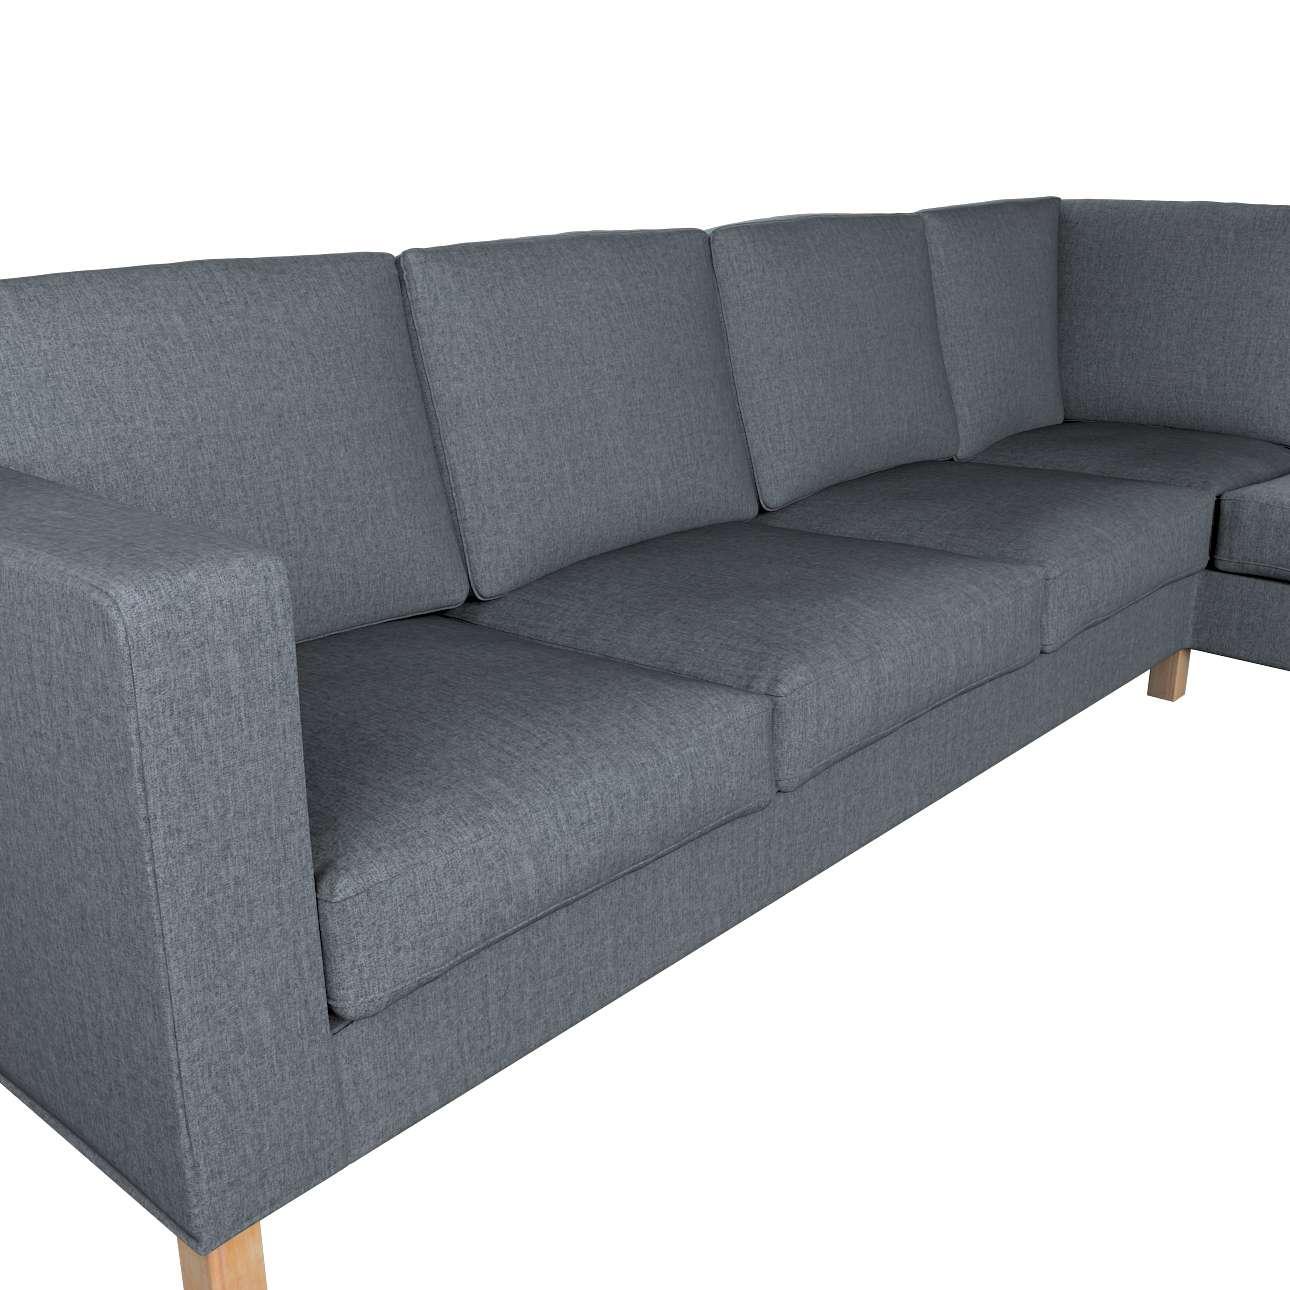 Pokrowiec na sofę narożną lewostronną Karlanda w kolekcji City, tkanina: 704-86